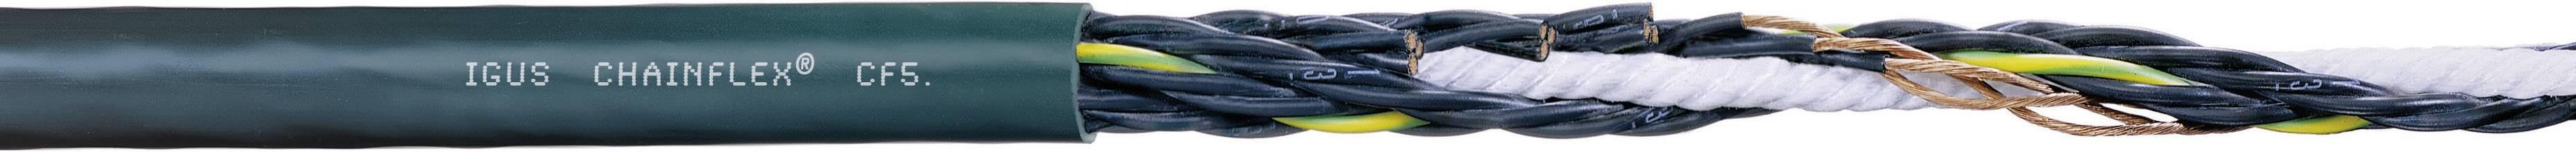 Řídicí kabelové vedení igus Chainflex® CF CF5.15.12, 12x 1,5 mm², Ø 15 mm, nestíněný, 1 m